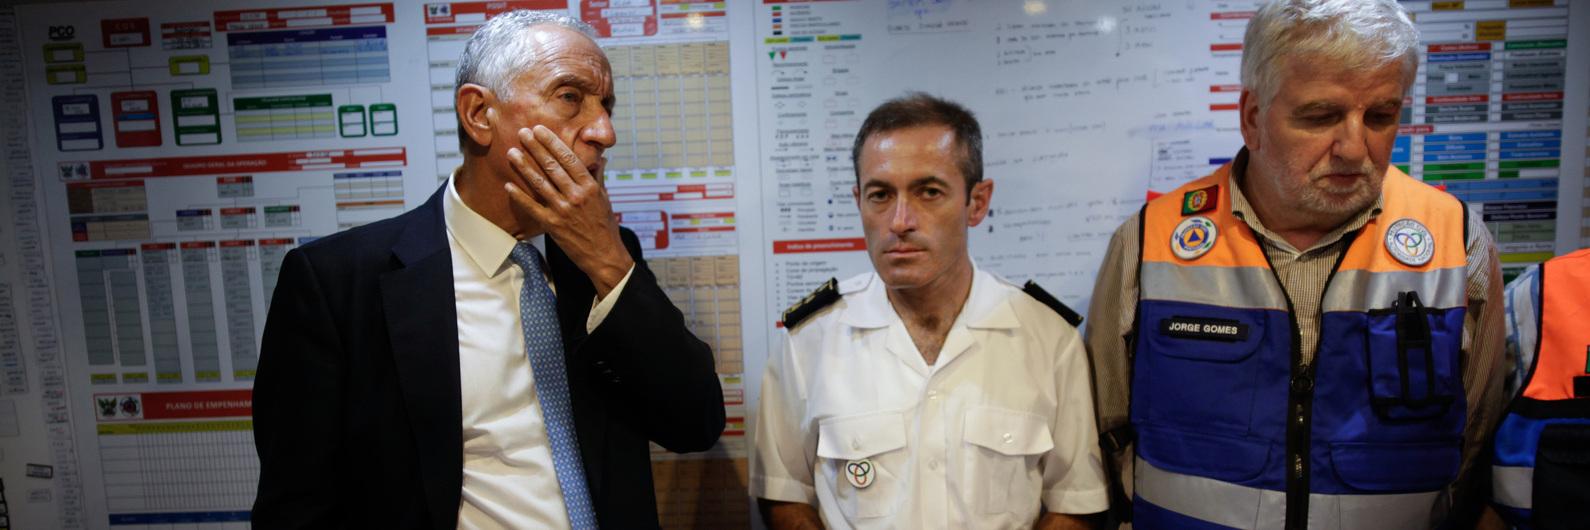 Pedrógão Grande: Marcelo espera em breve resultado de investigação e recusa antecipar juízo